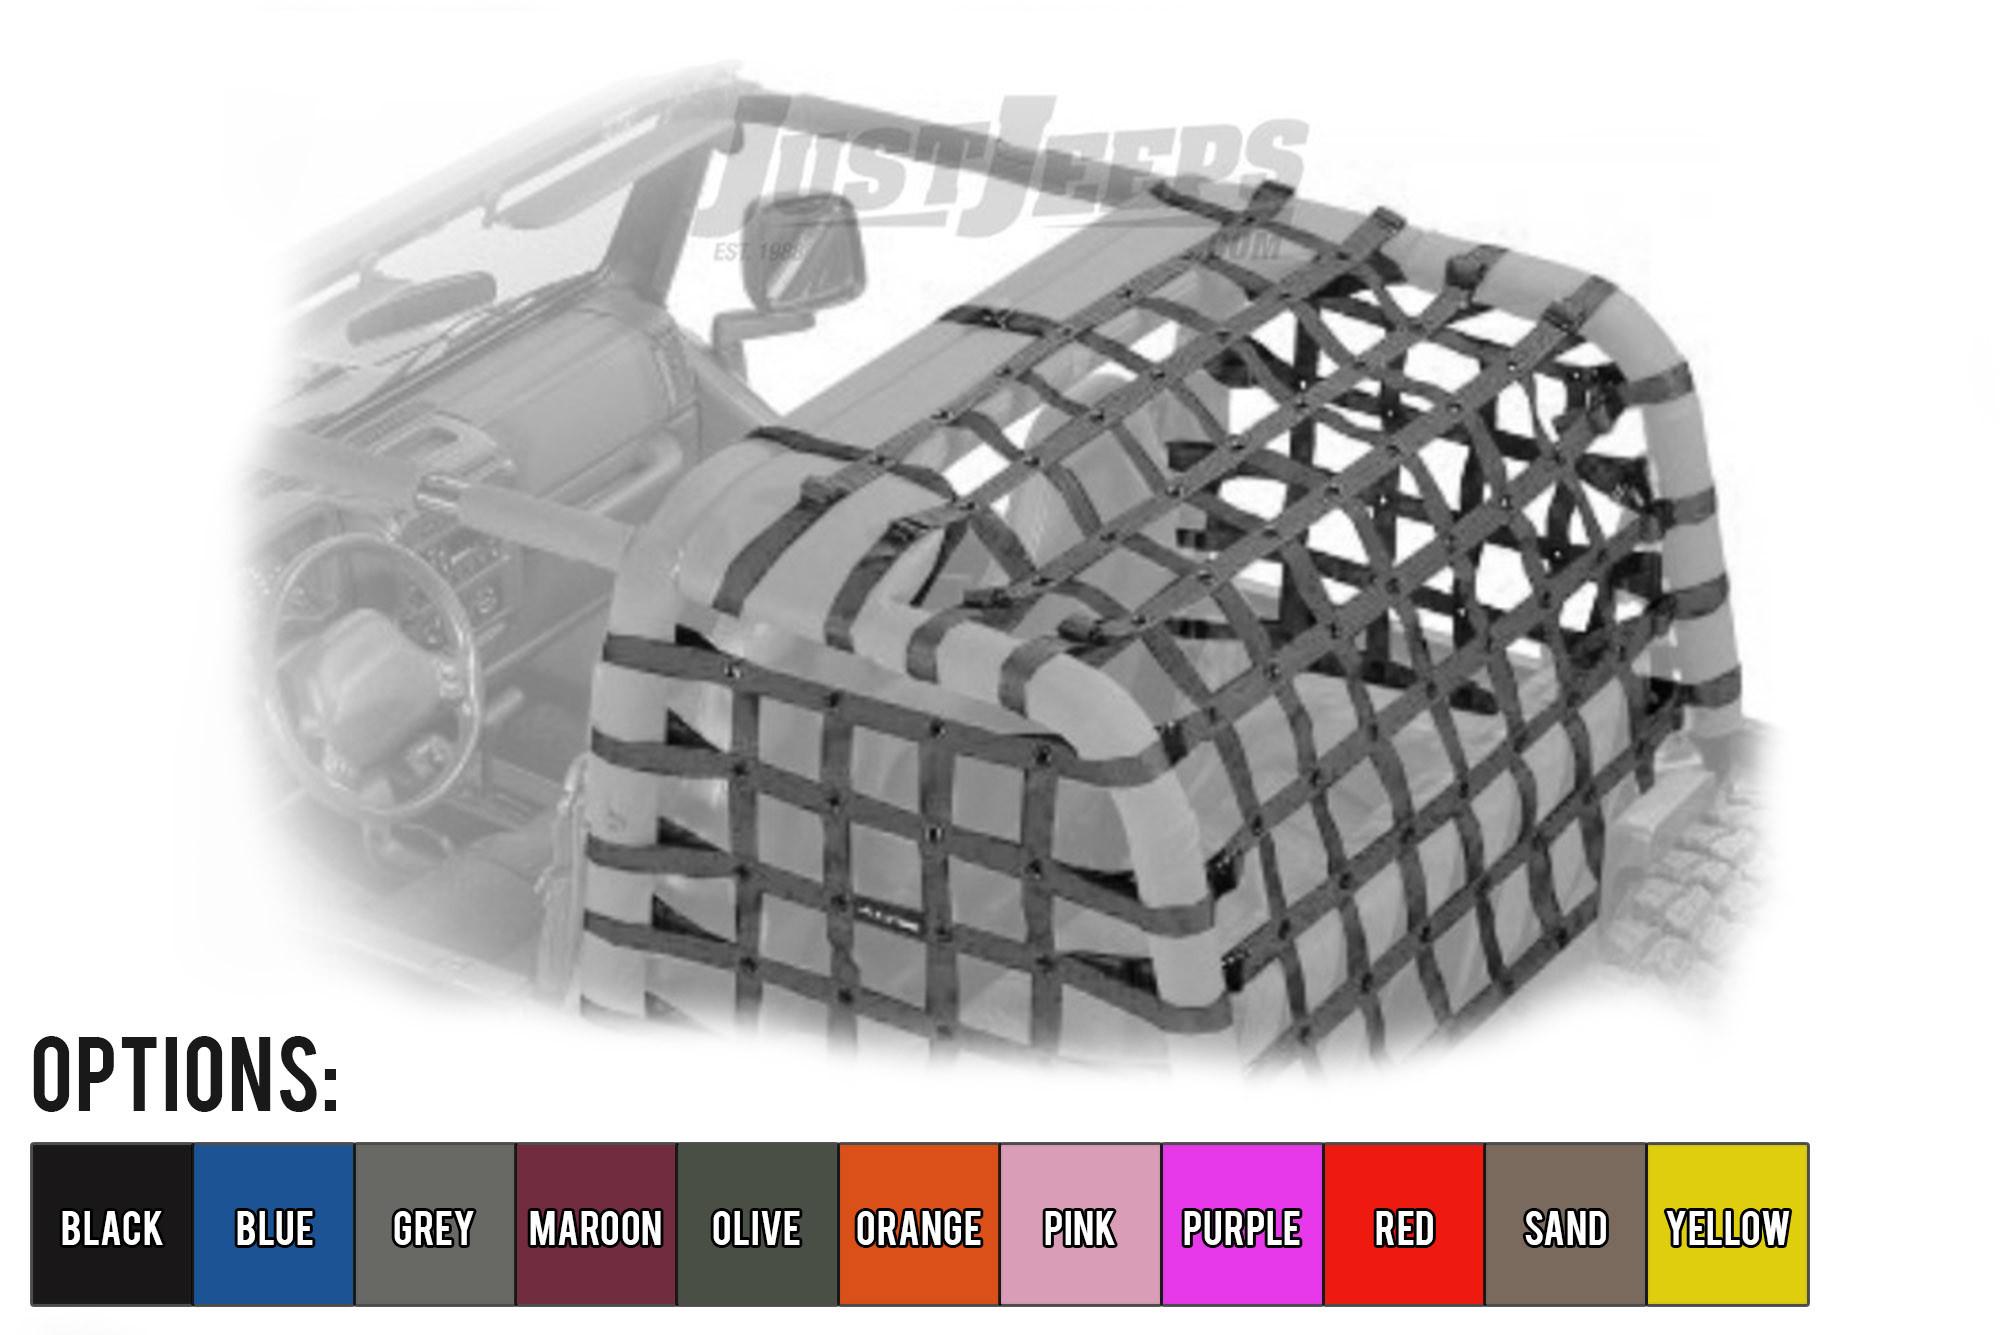 Dirtydog 4X4 Rear Cargo Area Netting For 1997-06 Jeep Wrangler TJ Models T2NN97RC-